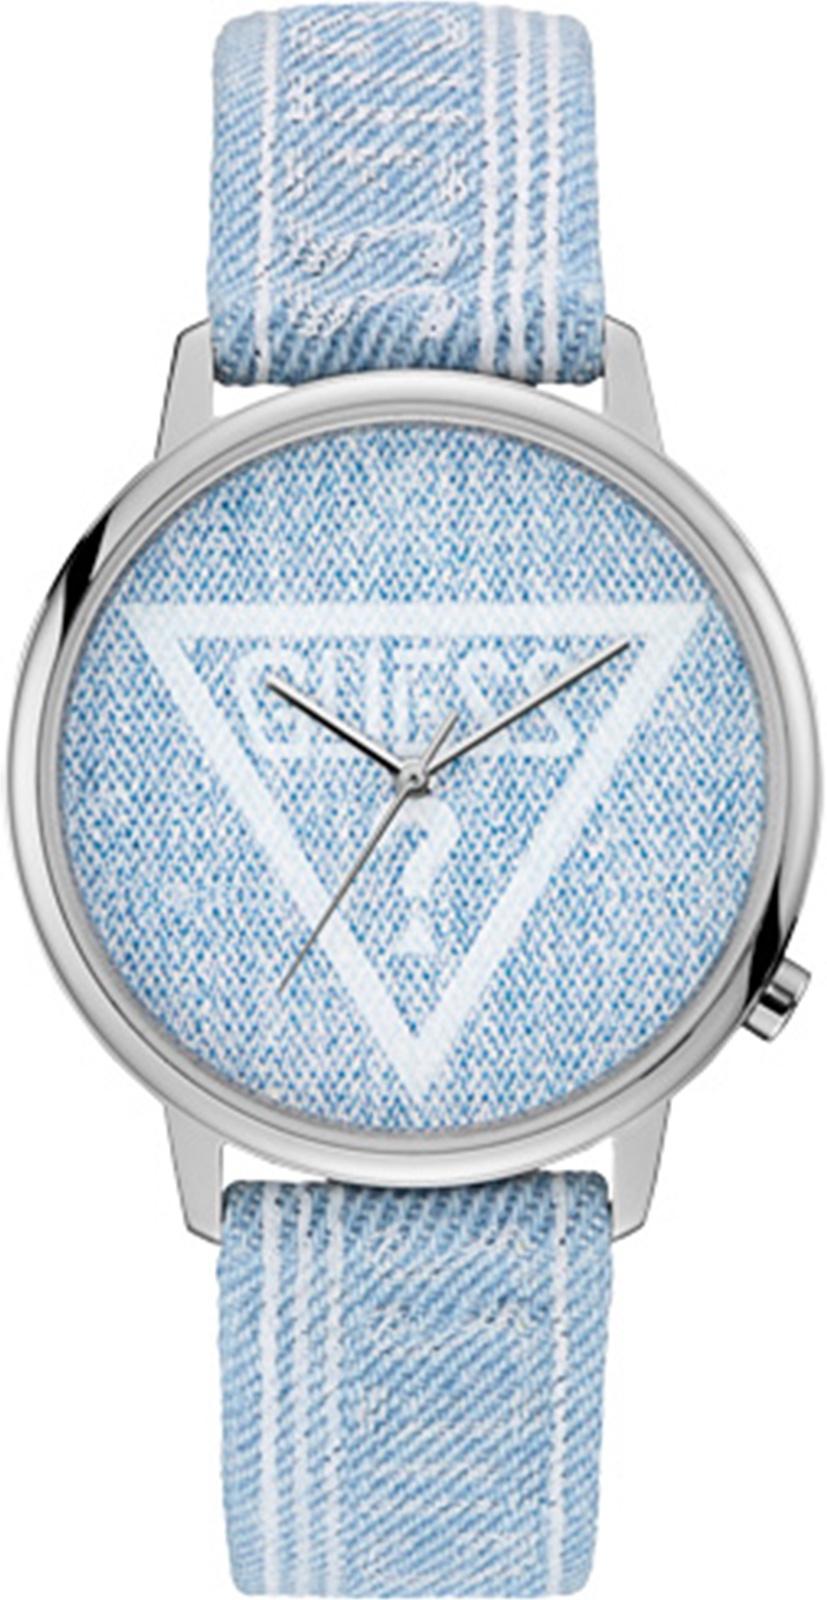 Наручные часы Guess Originals Hollywood + Main двухшпеньковый кожаный ремень джинсовый